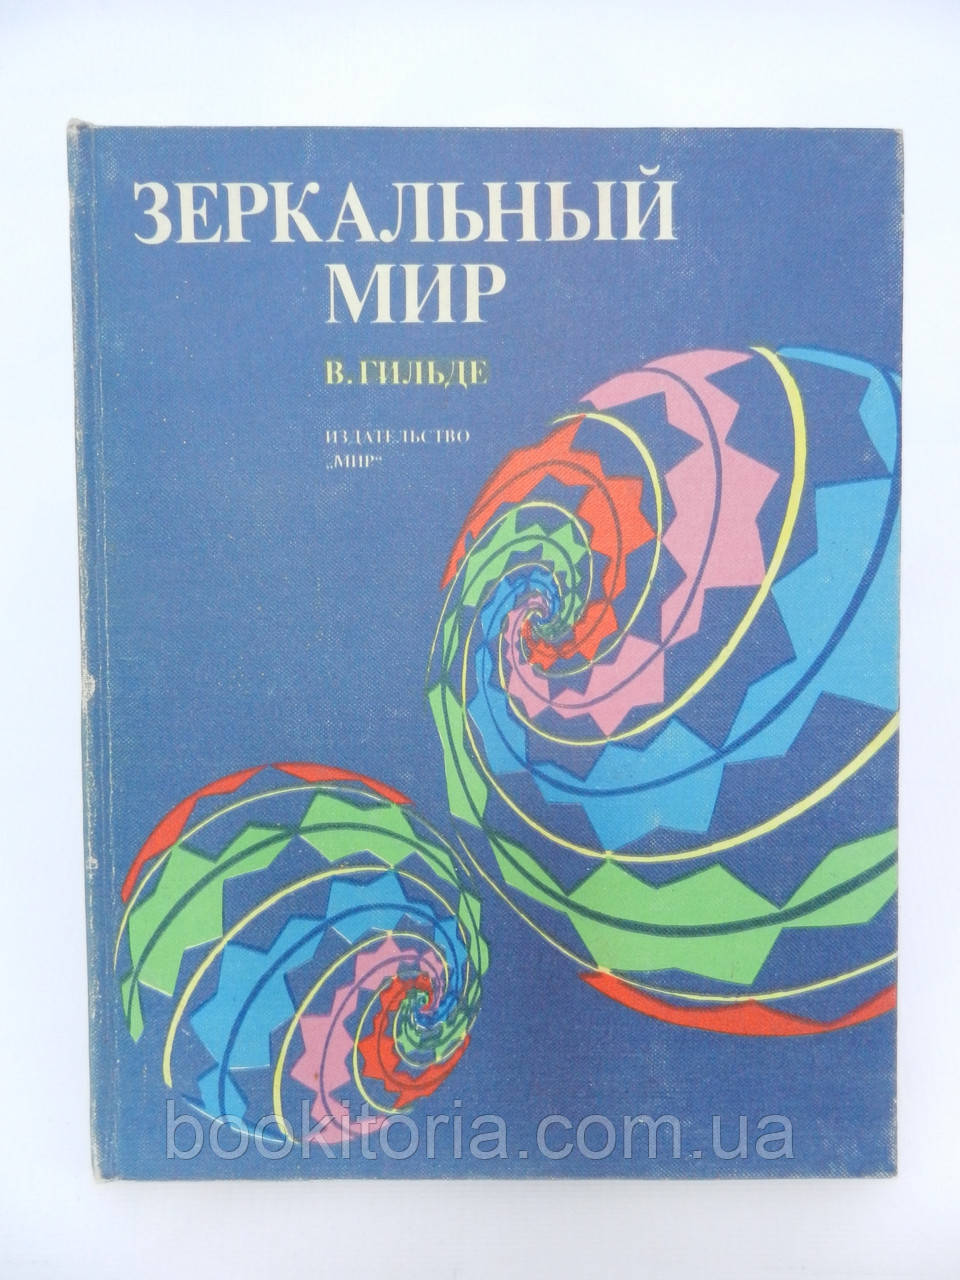 Гильде В. Зеркальный мир (б/у).